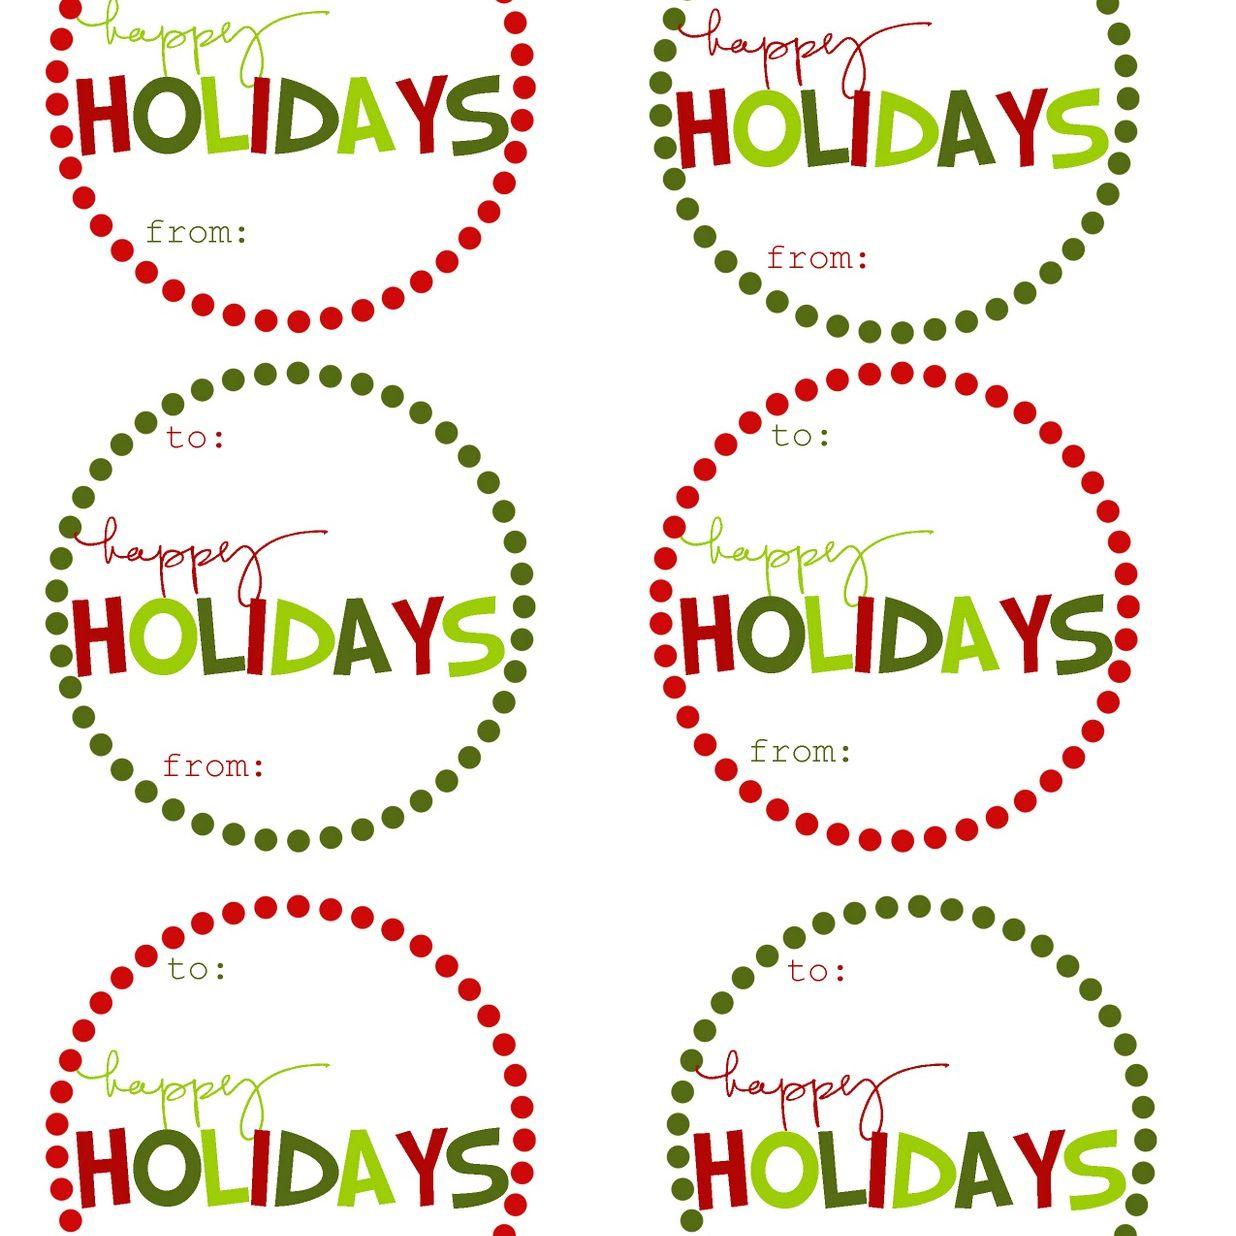 40 Sets Of Free Printable Christmas Gift Tags - Free Printable Favor Tags